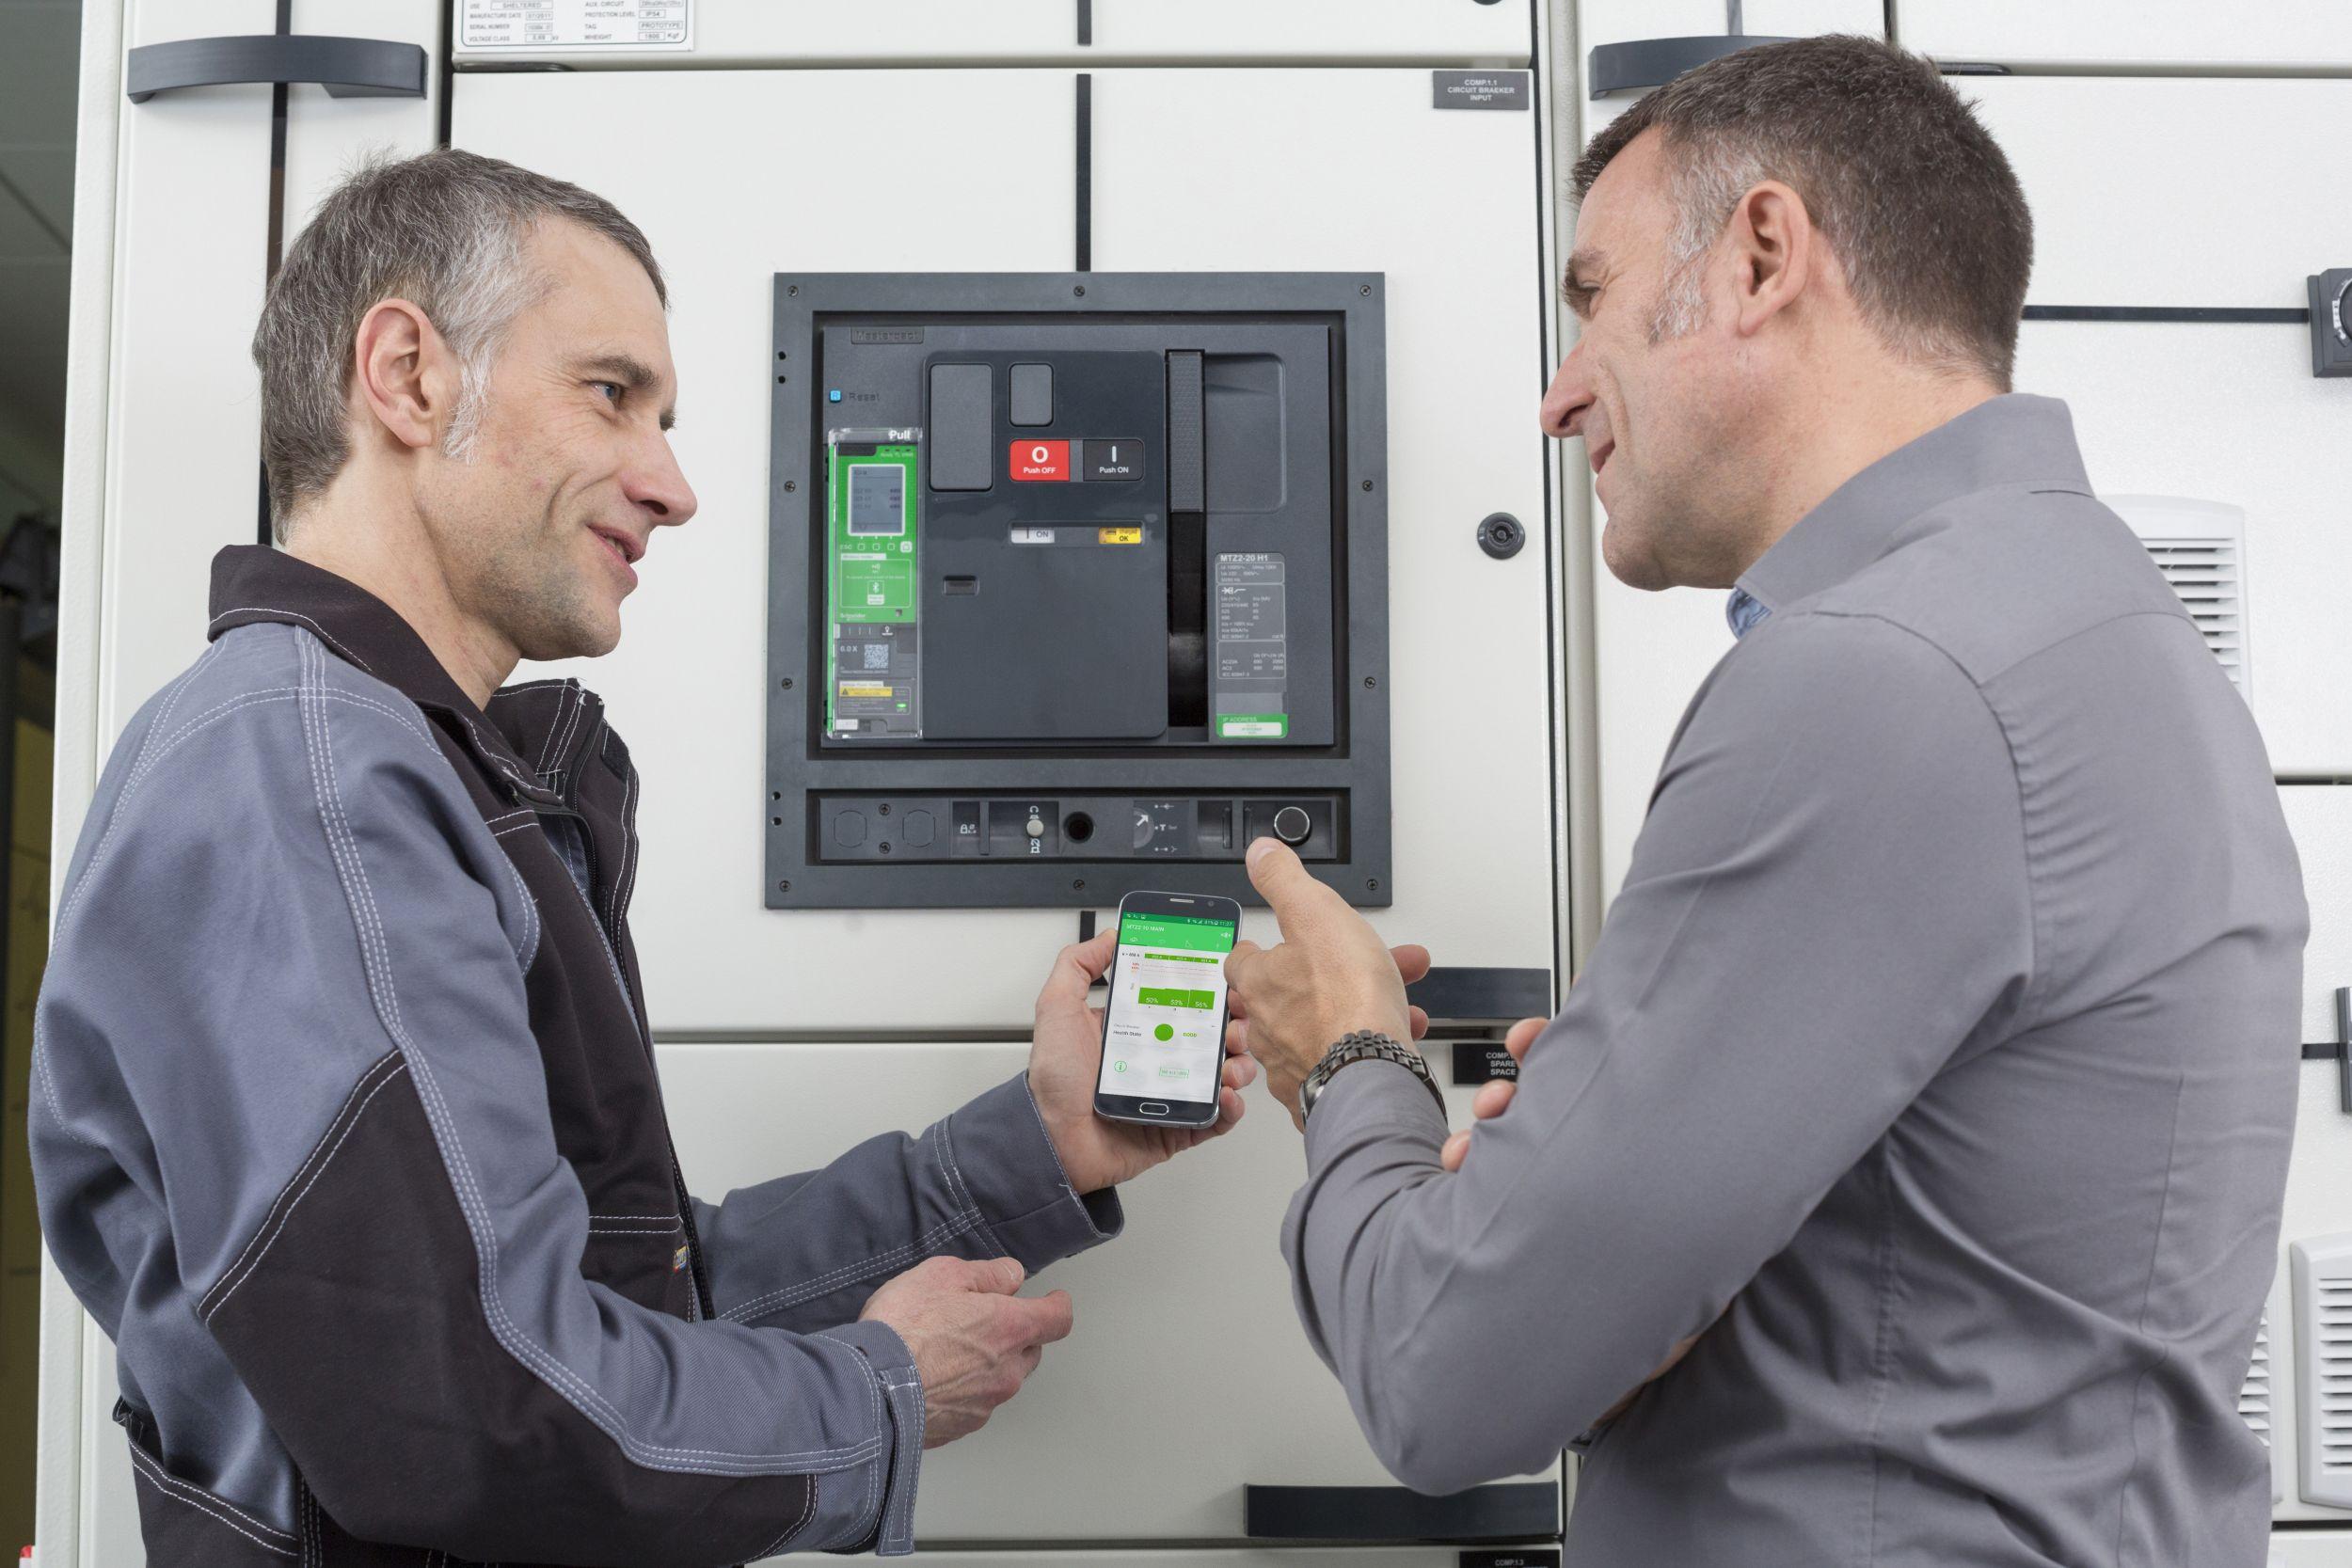 Die permanent erhobenen Daten, die von den jeweiligen digitalen Modulen zusammengetragen und aufbereitet werden, können von überall her kontaktlos mit dem Handy oder einem anderen digitalen Endgerät abgerufen werden. (Bild: Schneider Electric GmbH)